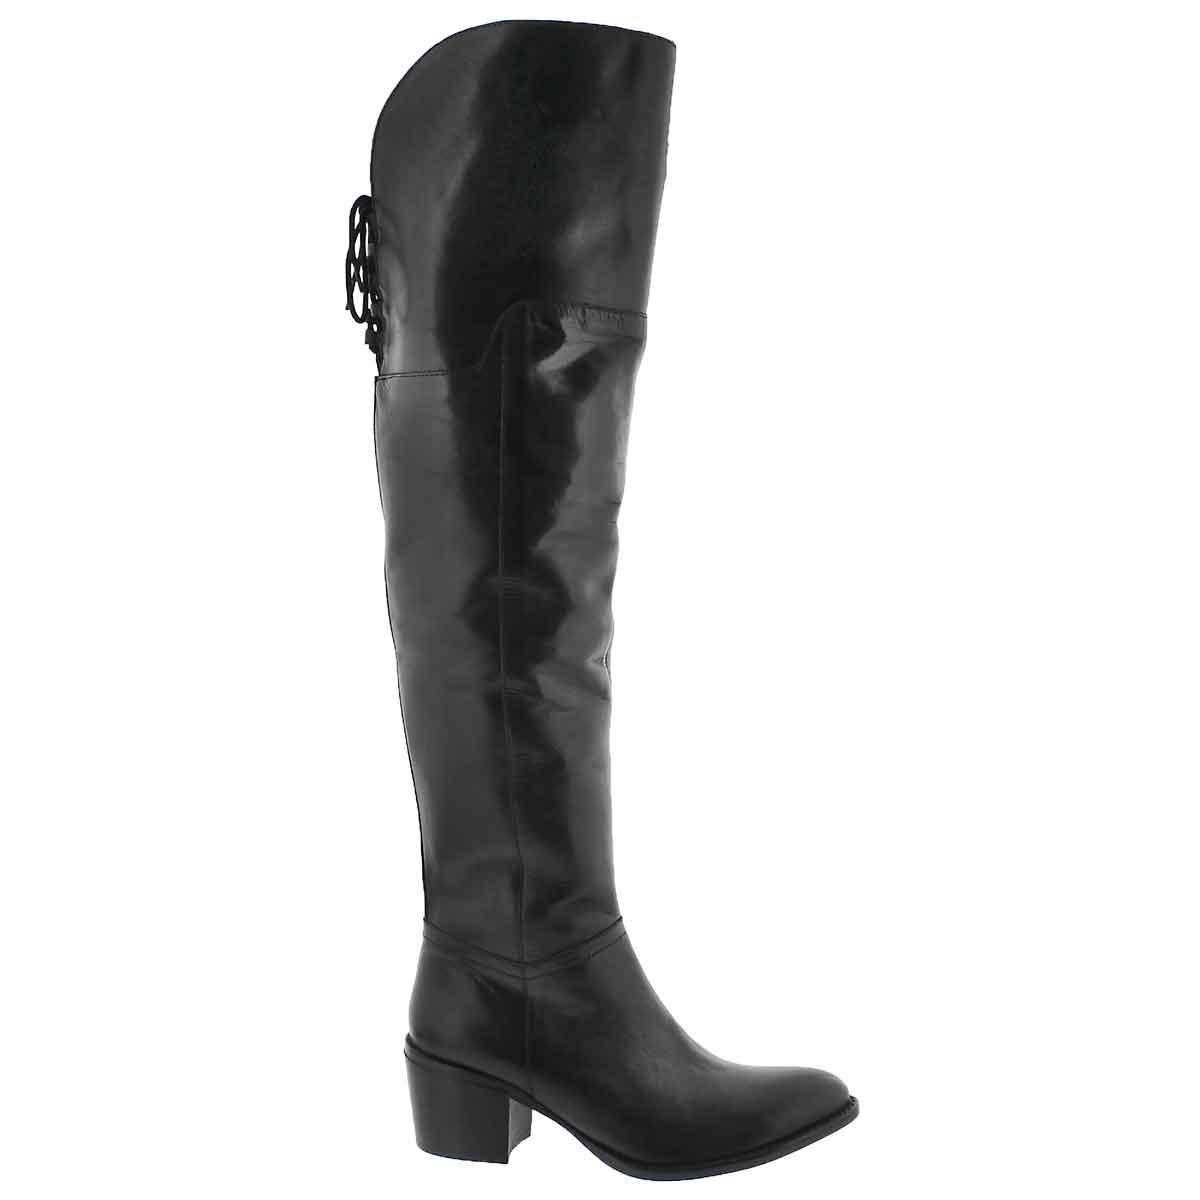 Lds Lucille black knee high dress boot